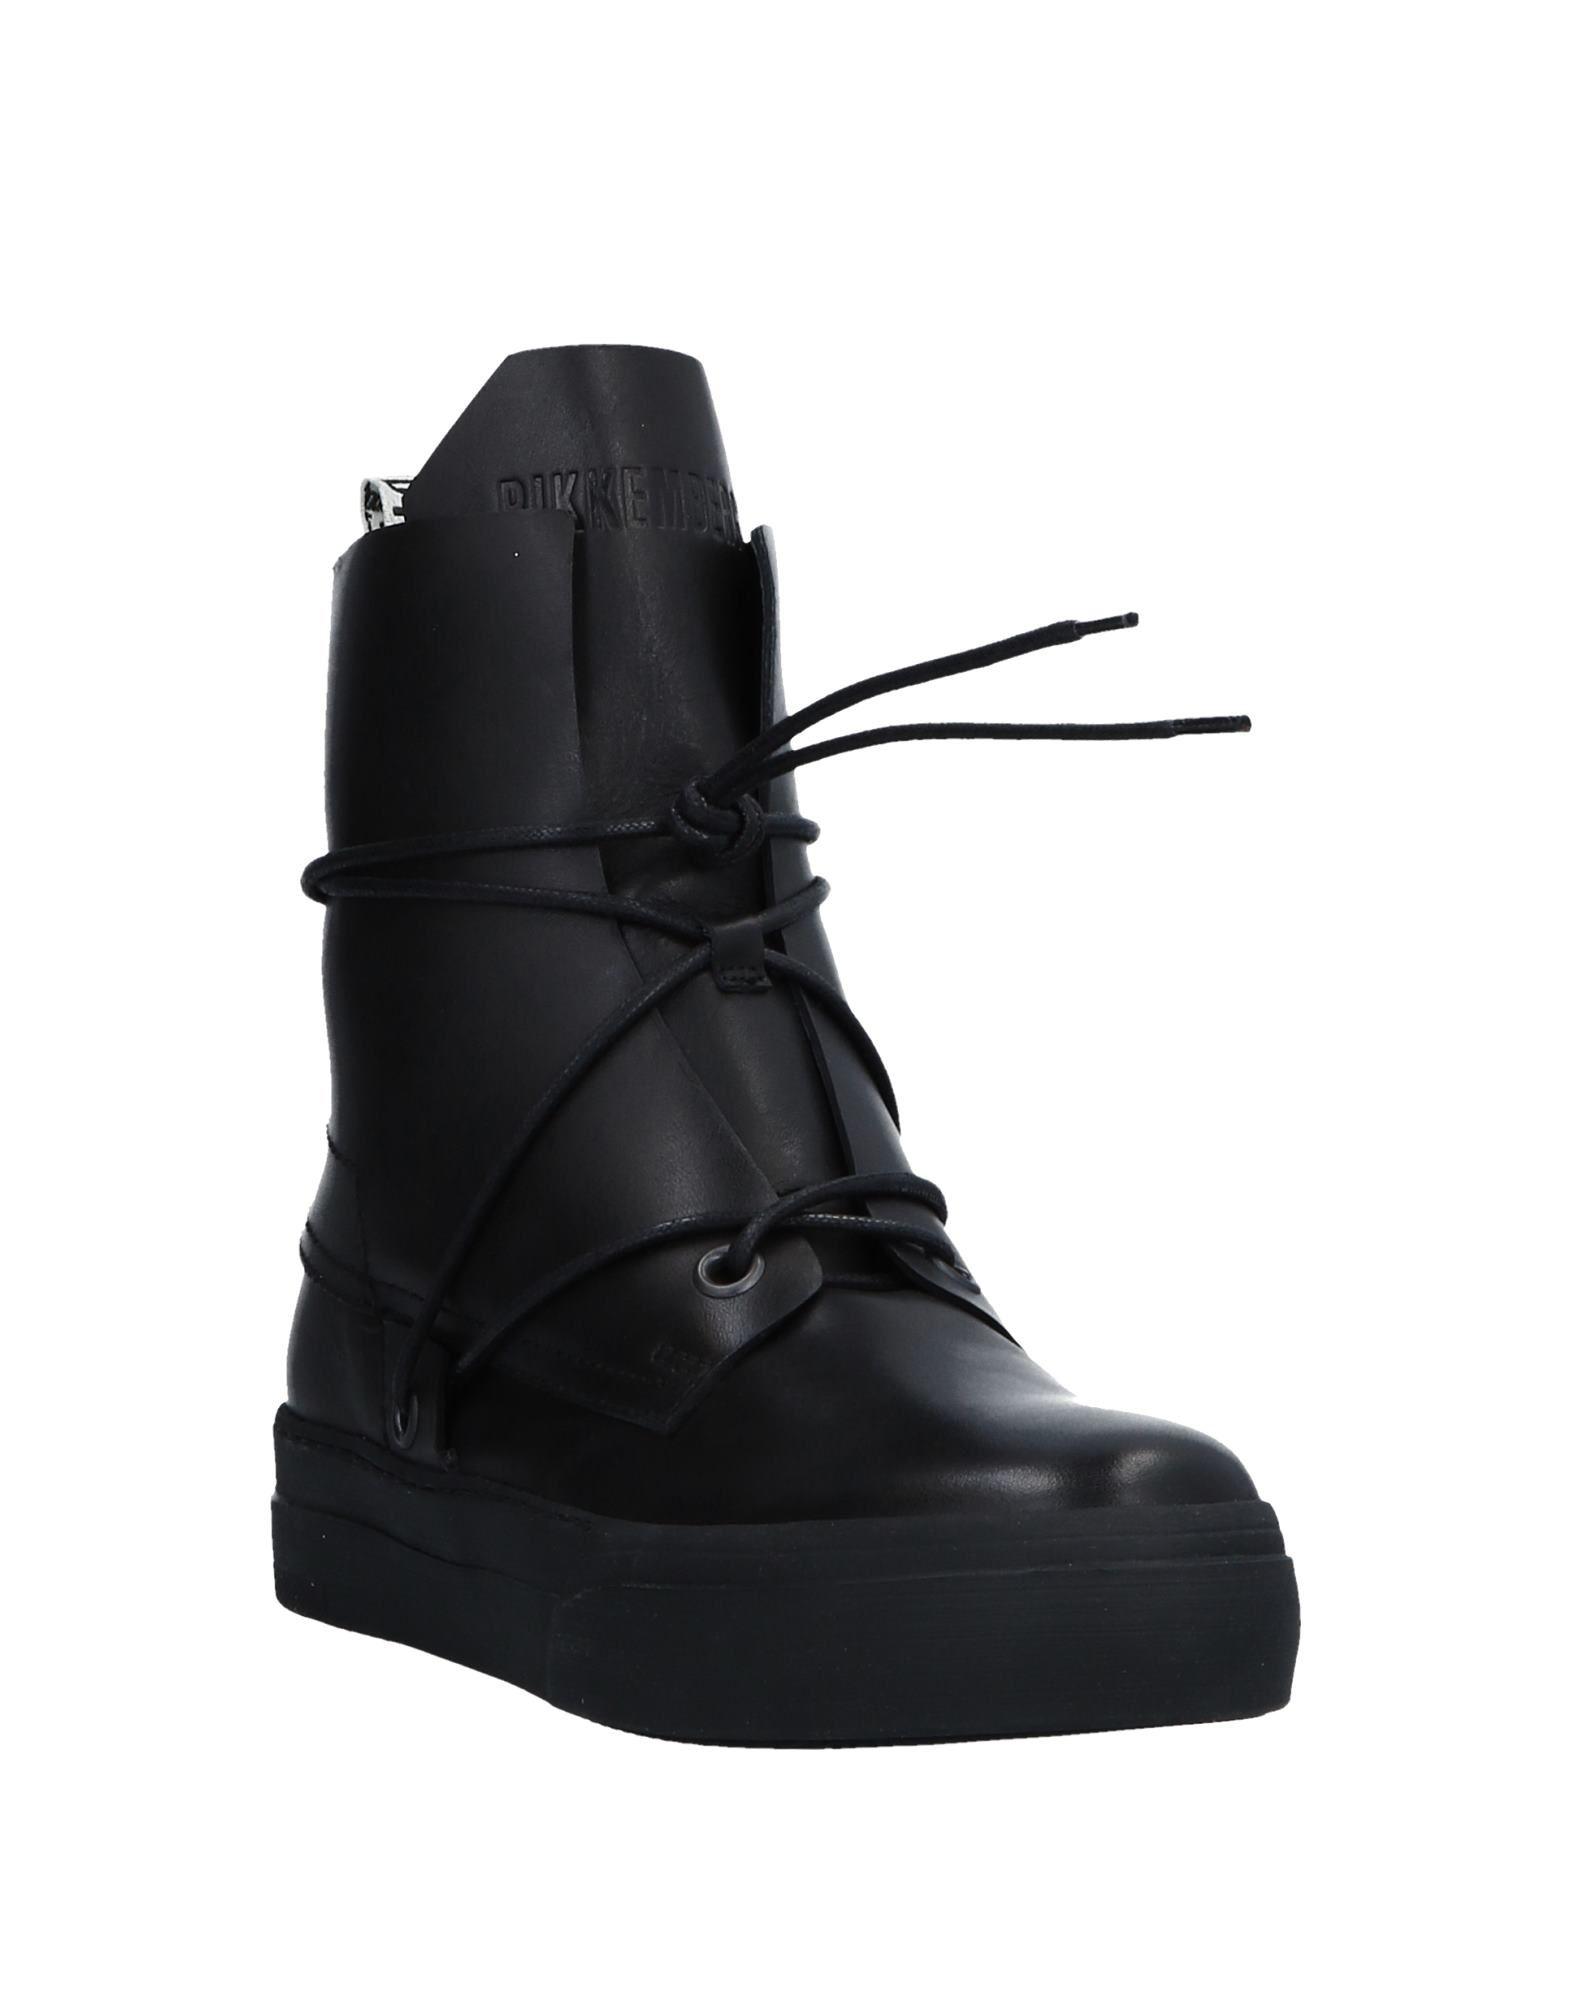 Bikkembergs Ankle Boot - Women Bikkembergs on Ankle Boots online on Bikkembergs  Canada - 11517100QG b9f7be